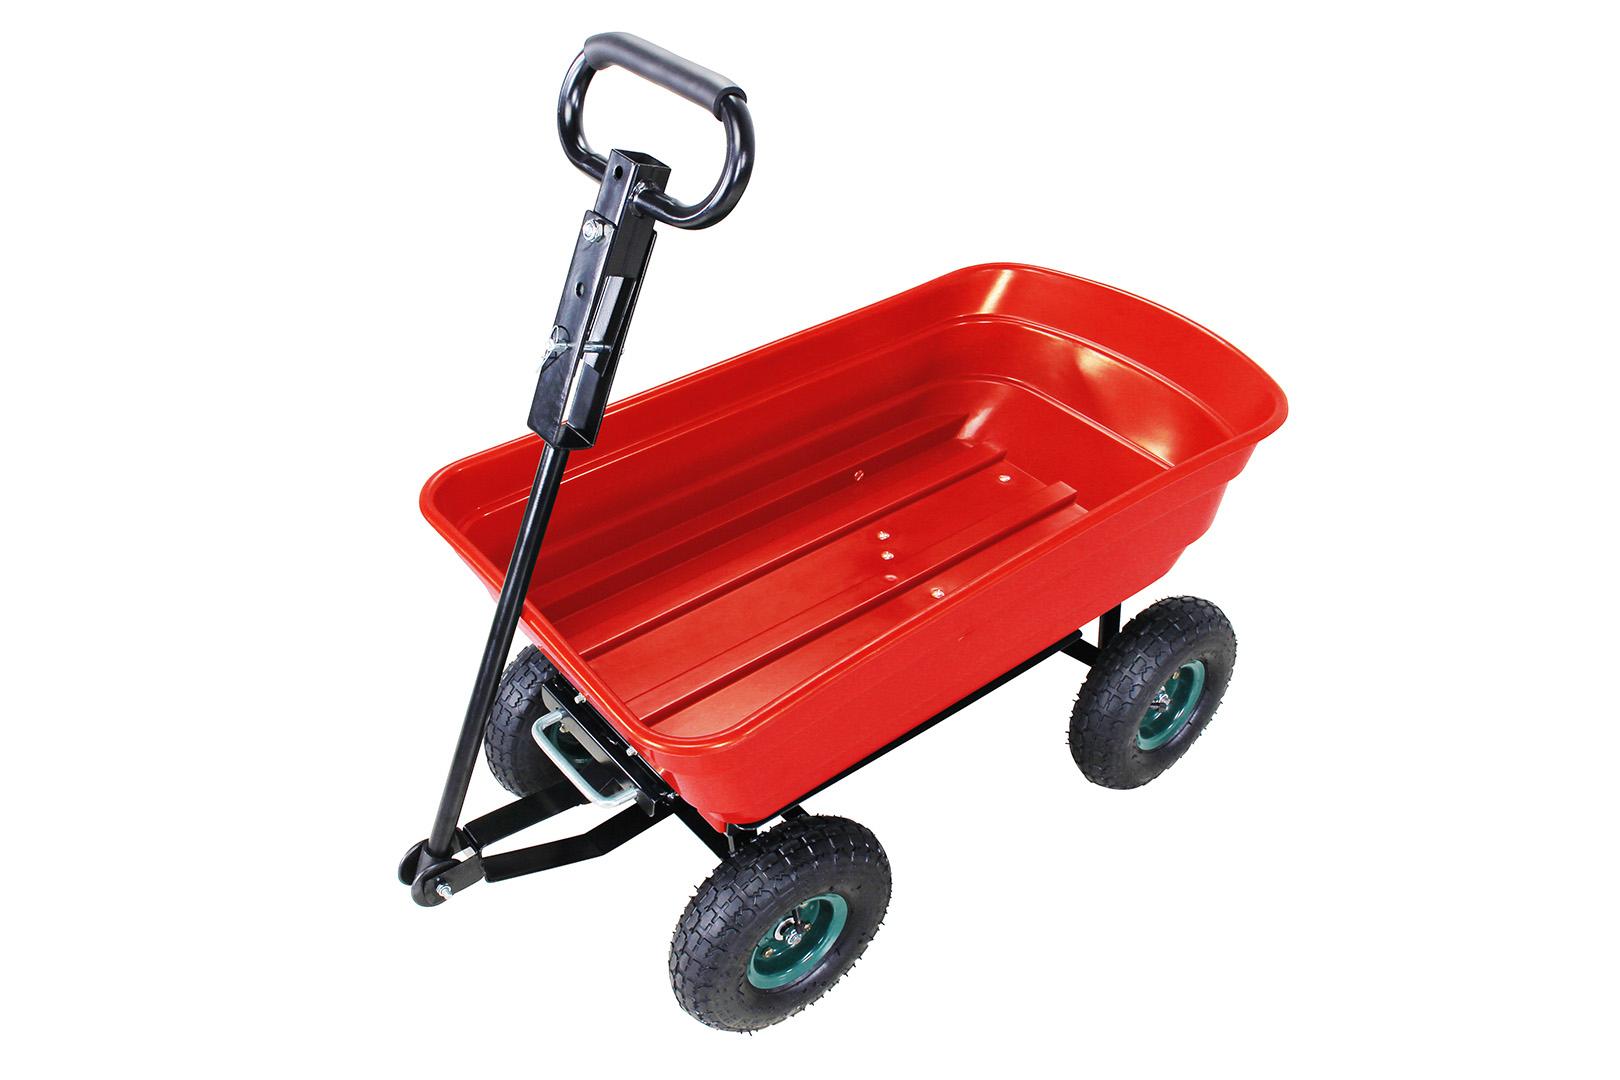 Chariot De Jardin Contenance 75 Litres - Charge De 300 Kg ... pour Chariot De Jardin 4 Roues